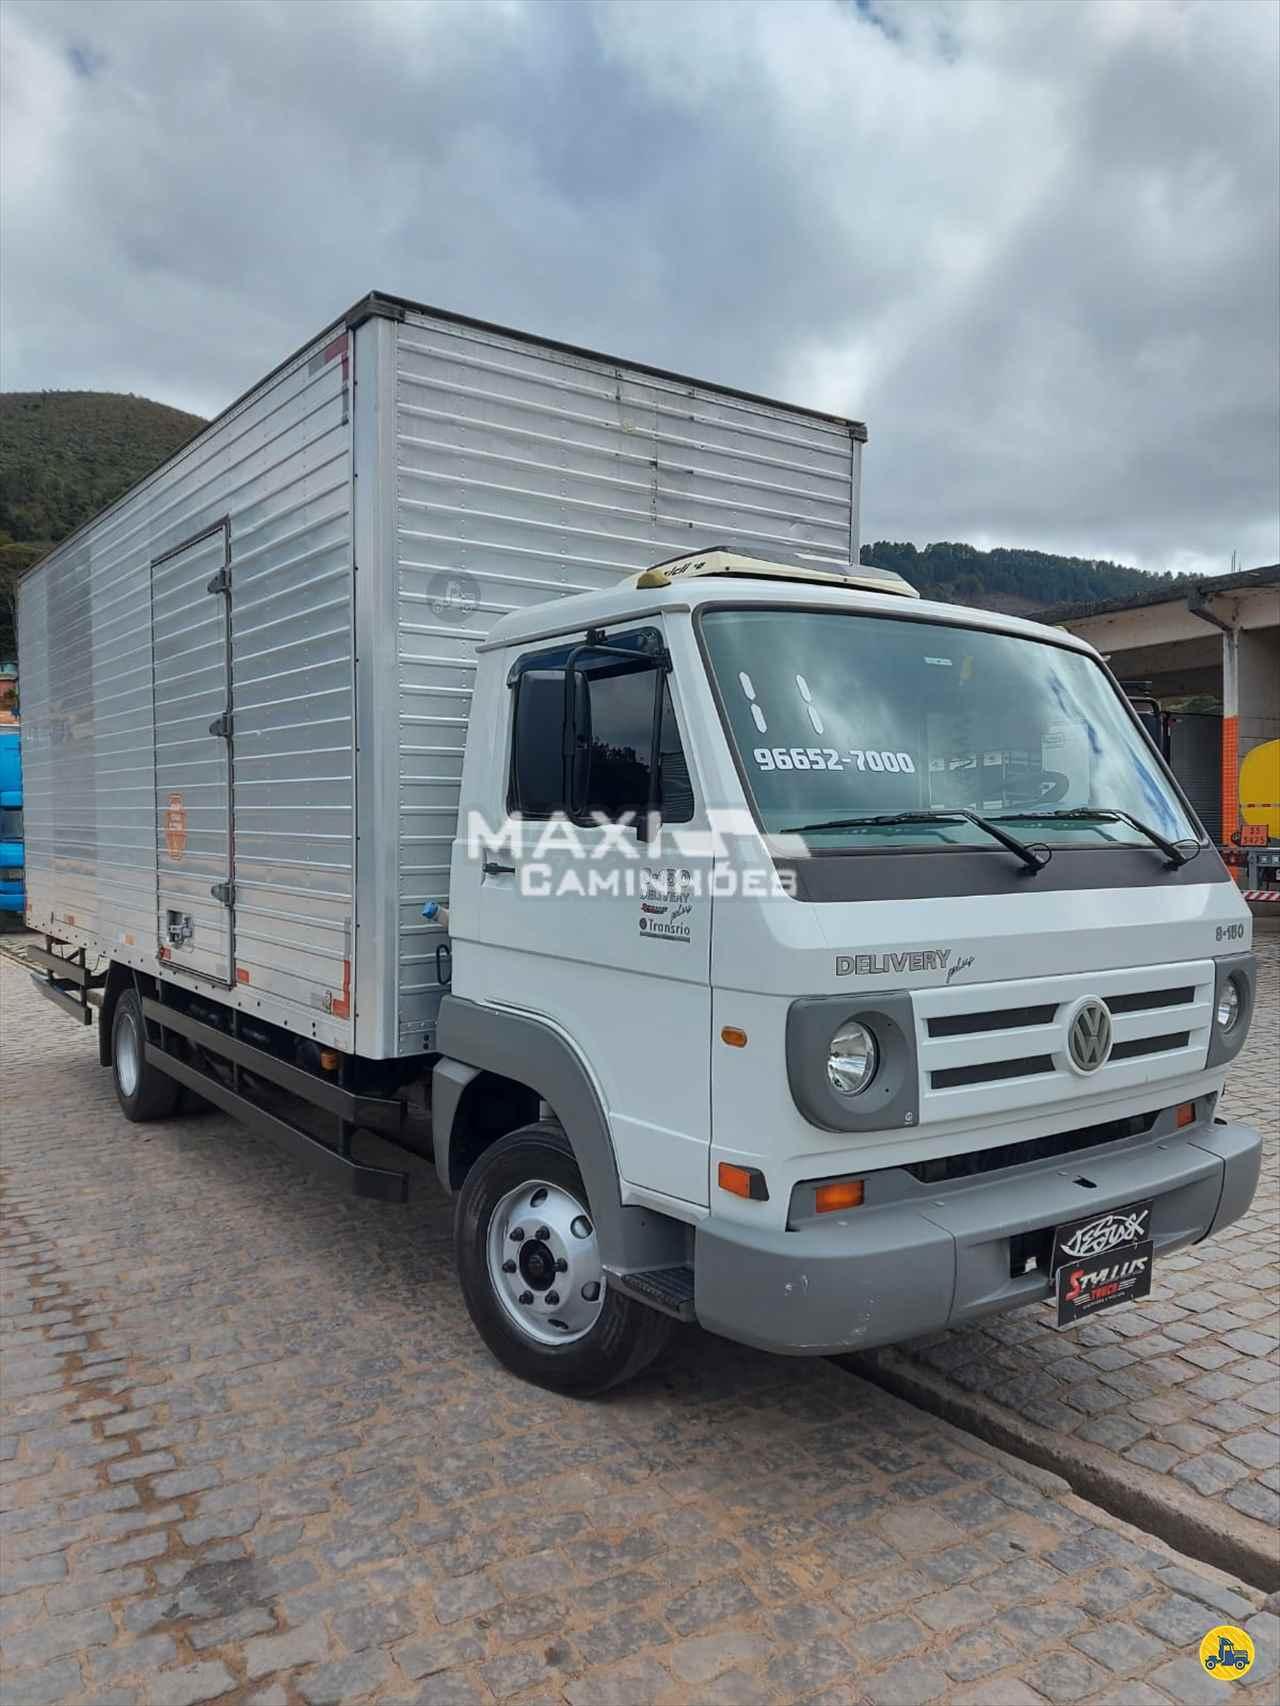 CAMINHAO VOLKSWAGEN VW 8150 Baú Furgão 3/4 4x2 Maxi Caminhões TERESOPOLIS RIO DE JANEIRO RJ